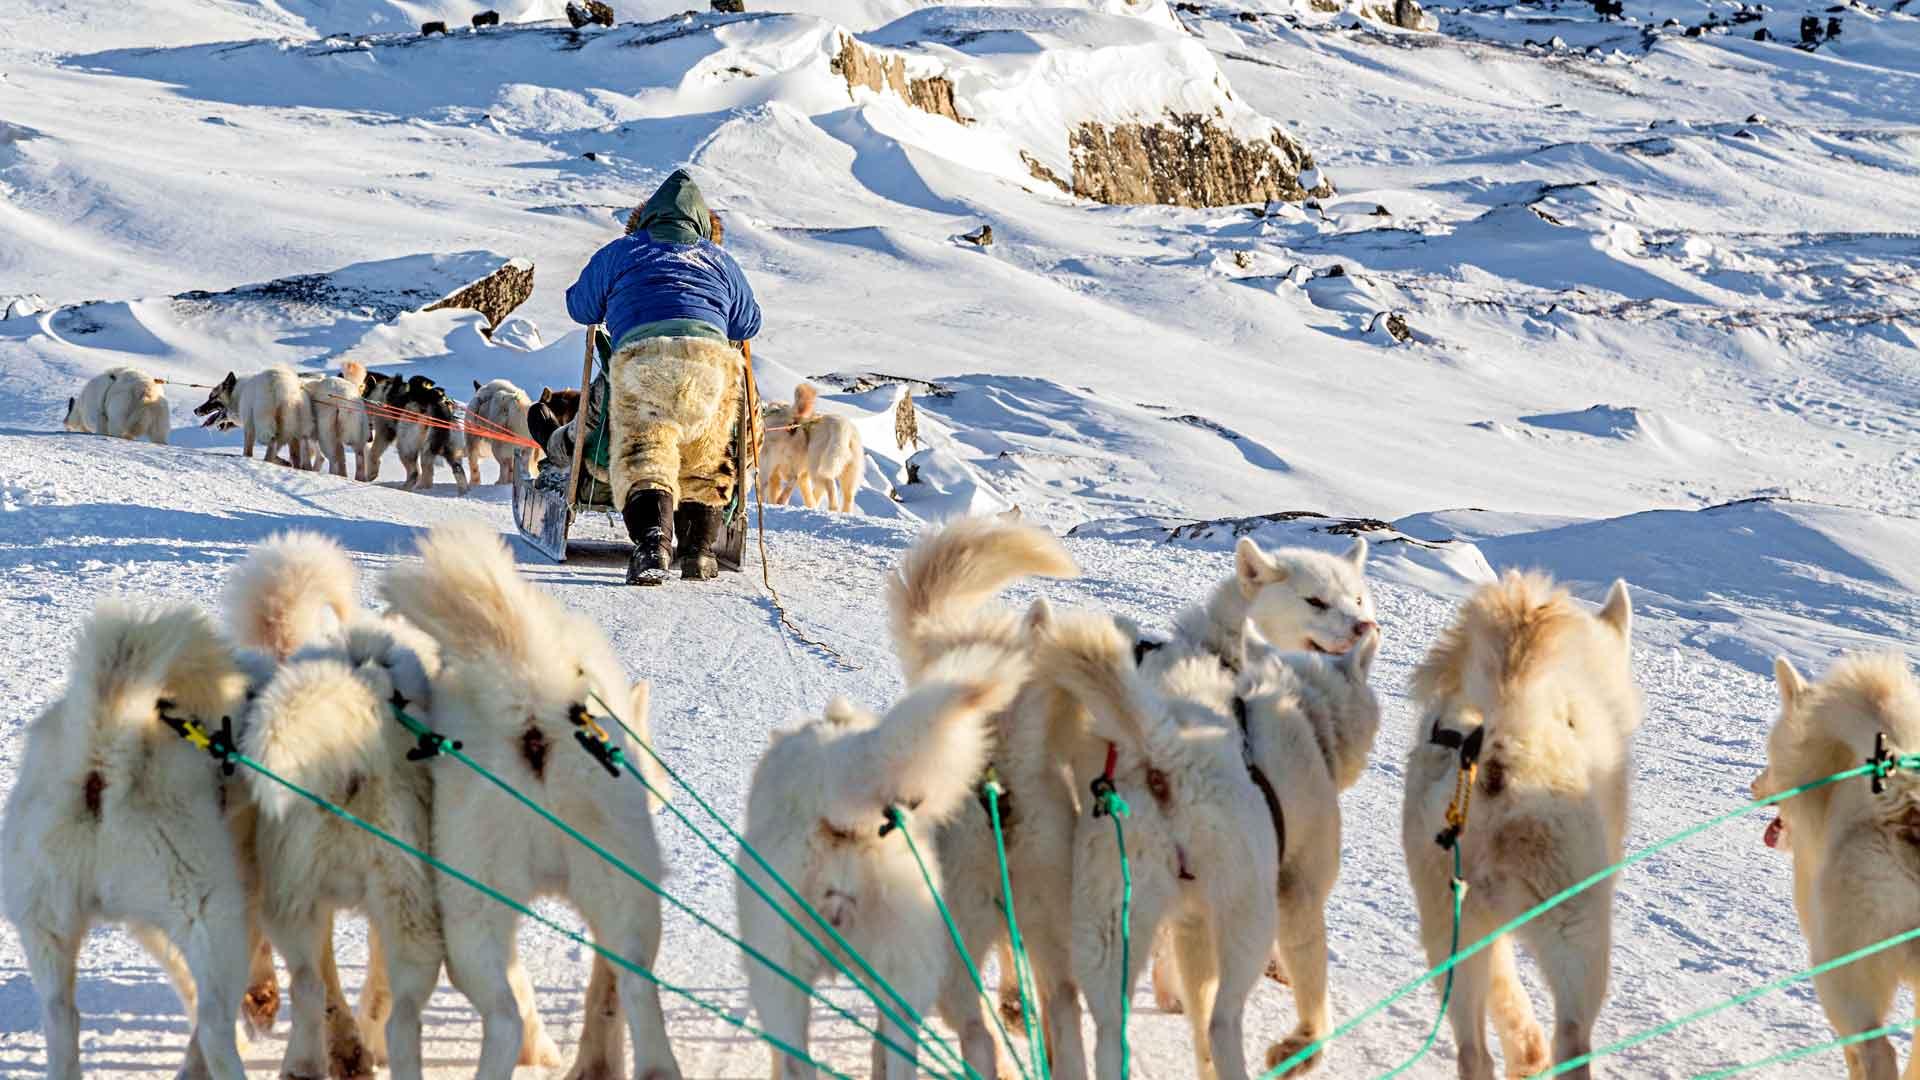 Arktisen hyisissä oloissa koira on ihmisen paras ystävä.